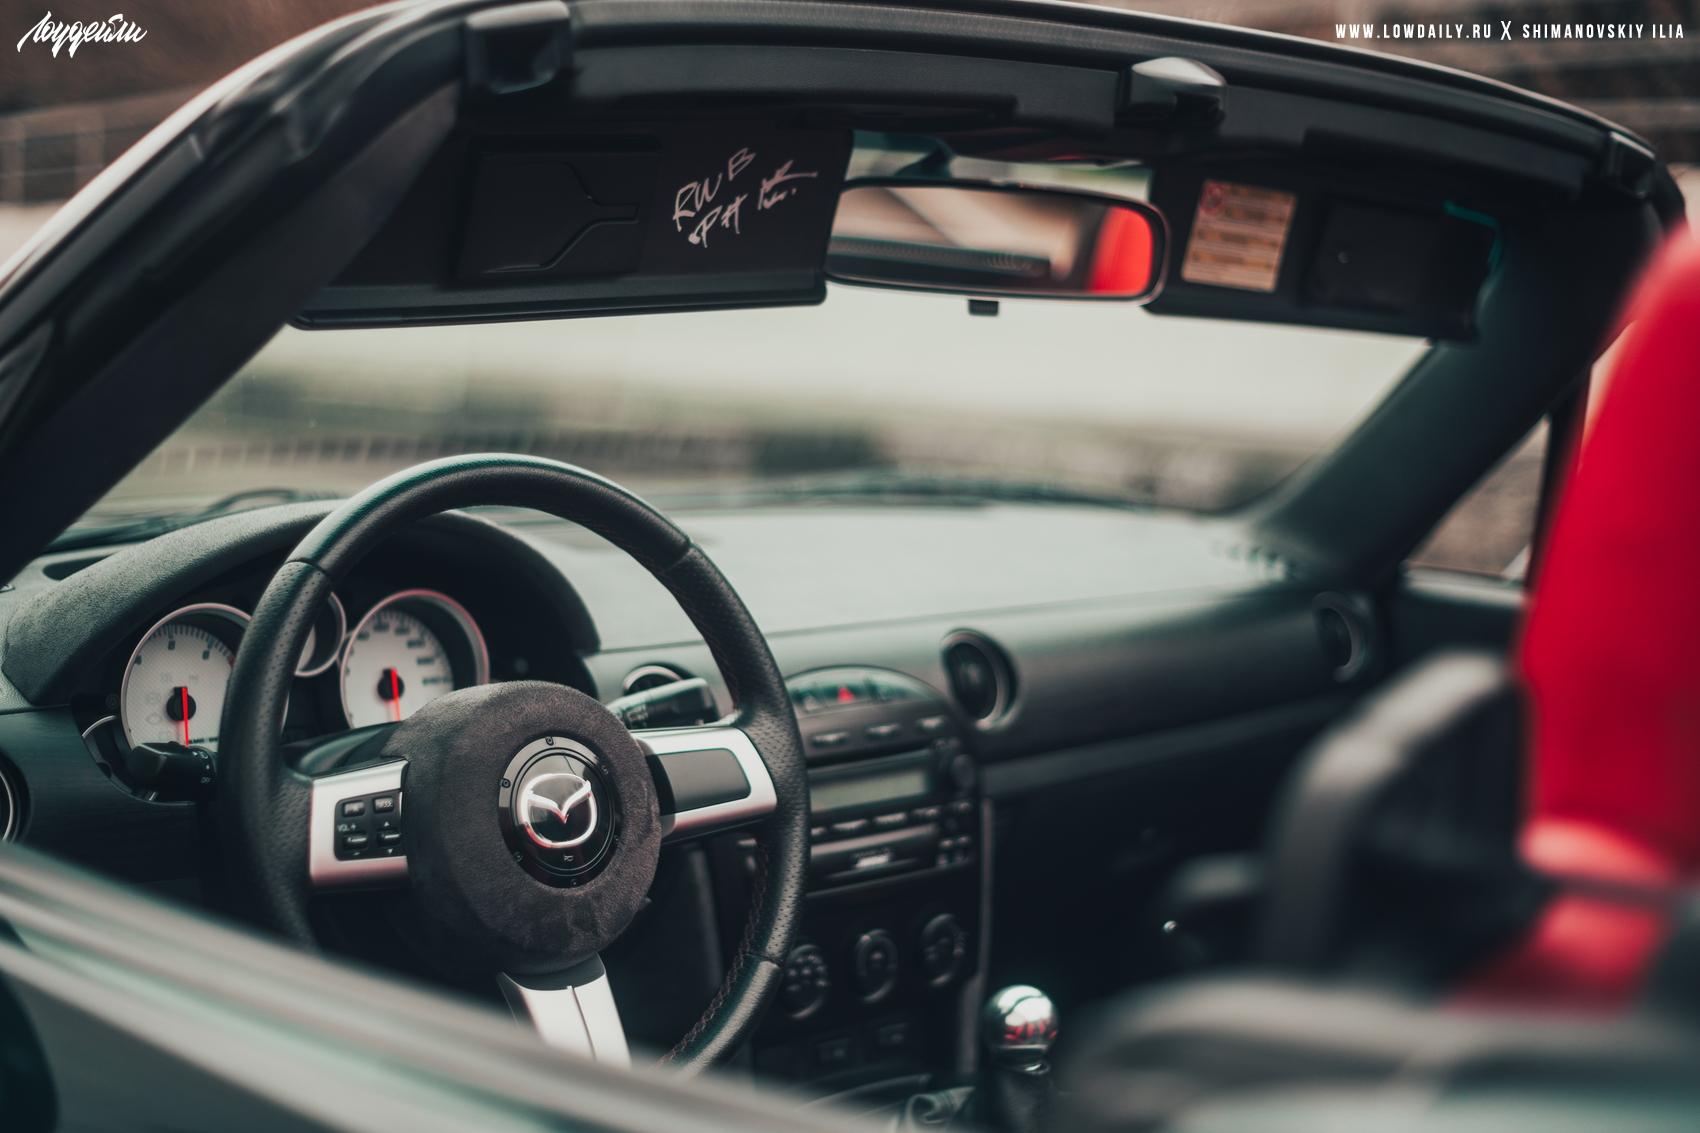 Mazda Mx5 Miata Lowdaily DSC06548